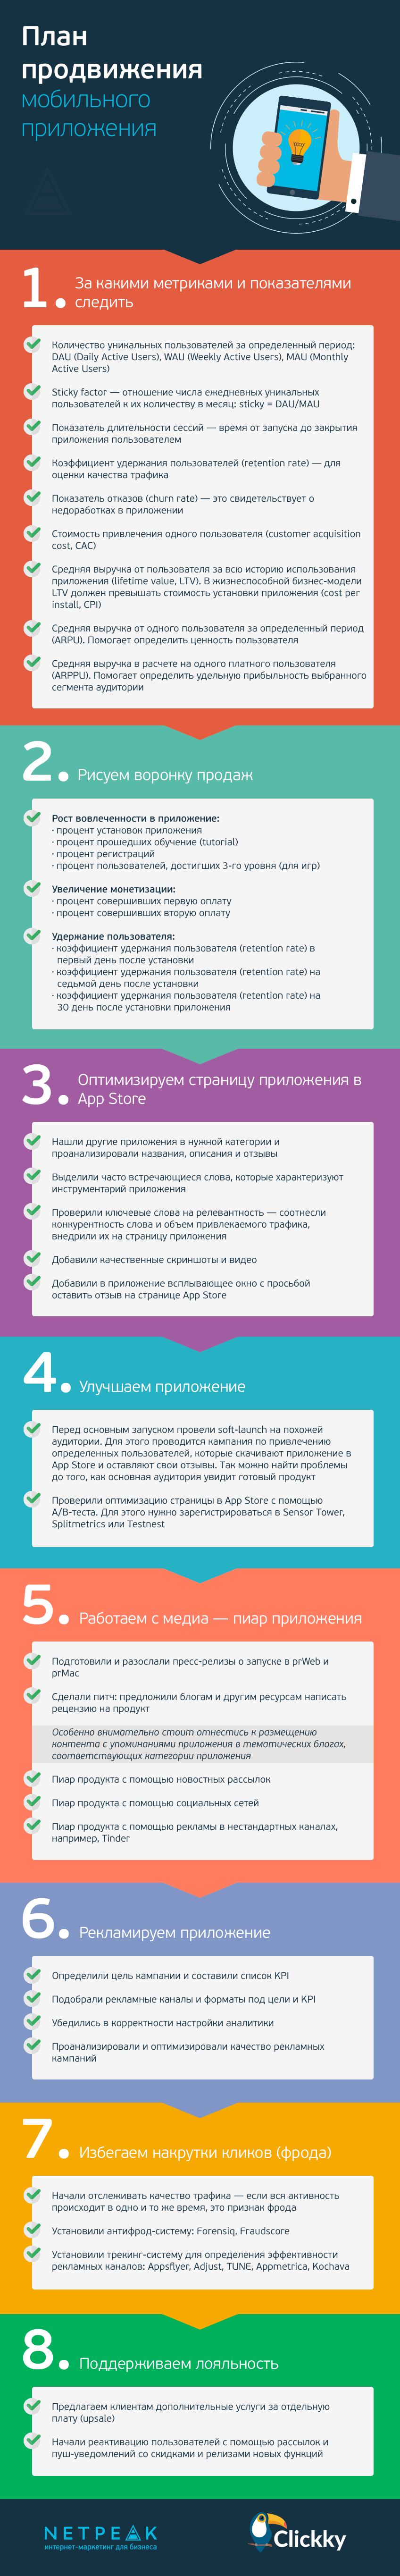 Продвижение мобильного приложения — подробный чек-лист